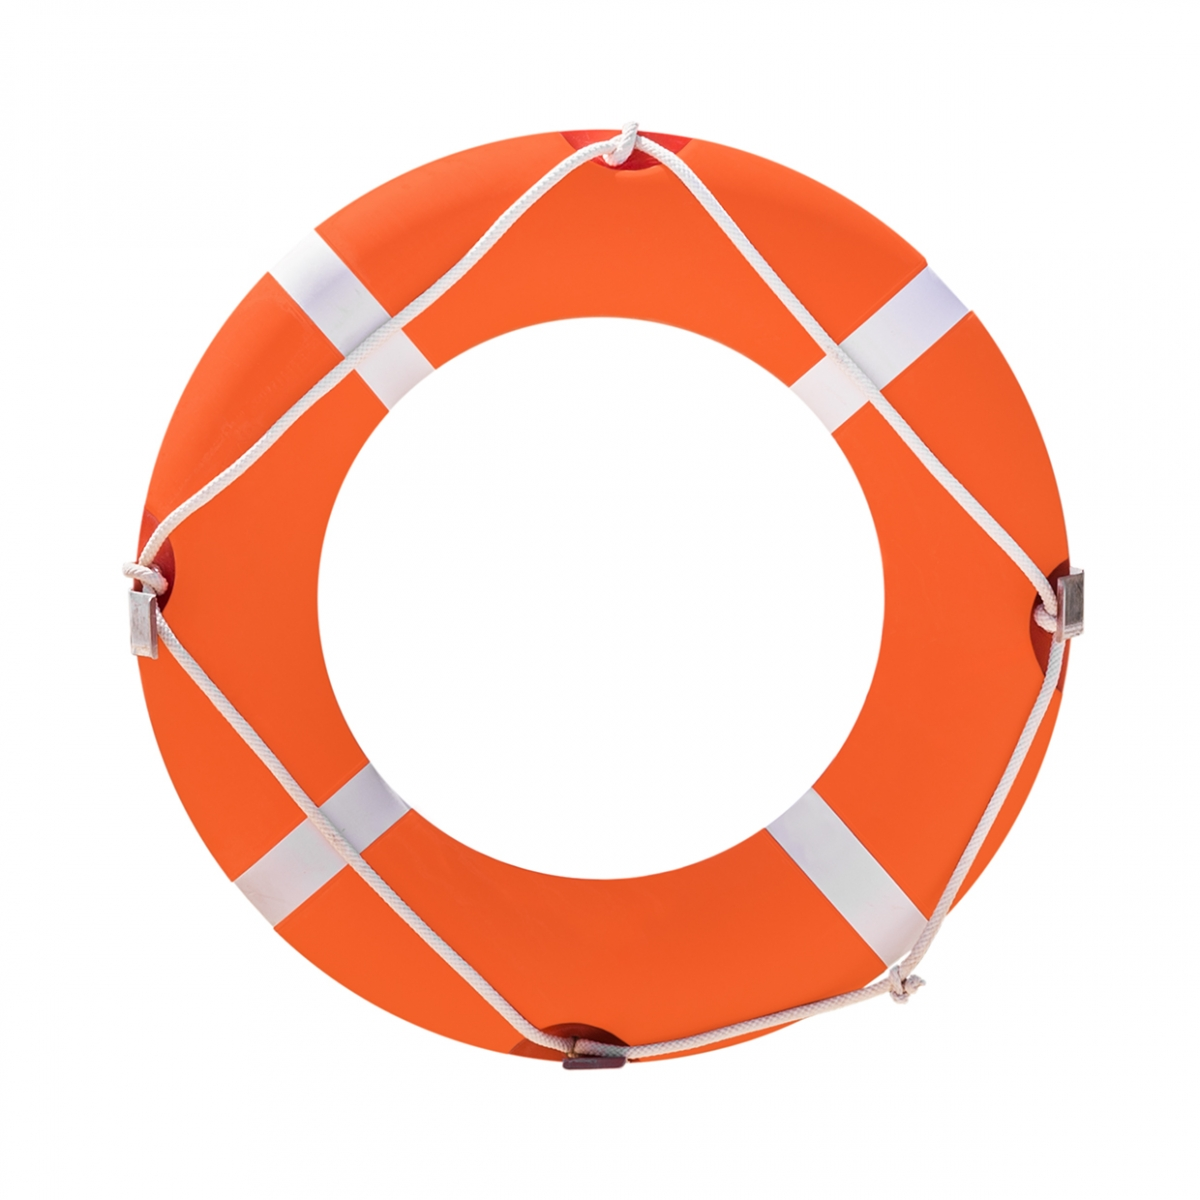 Imagen en la que se ve un flotador salvavidas